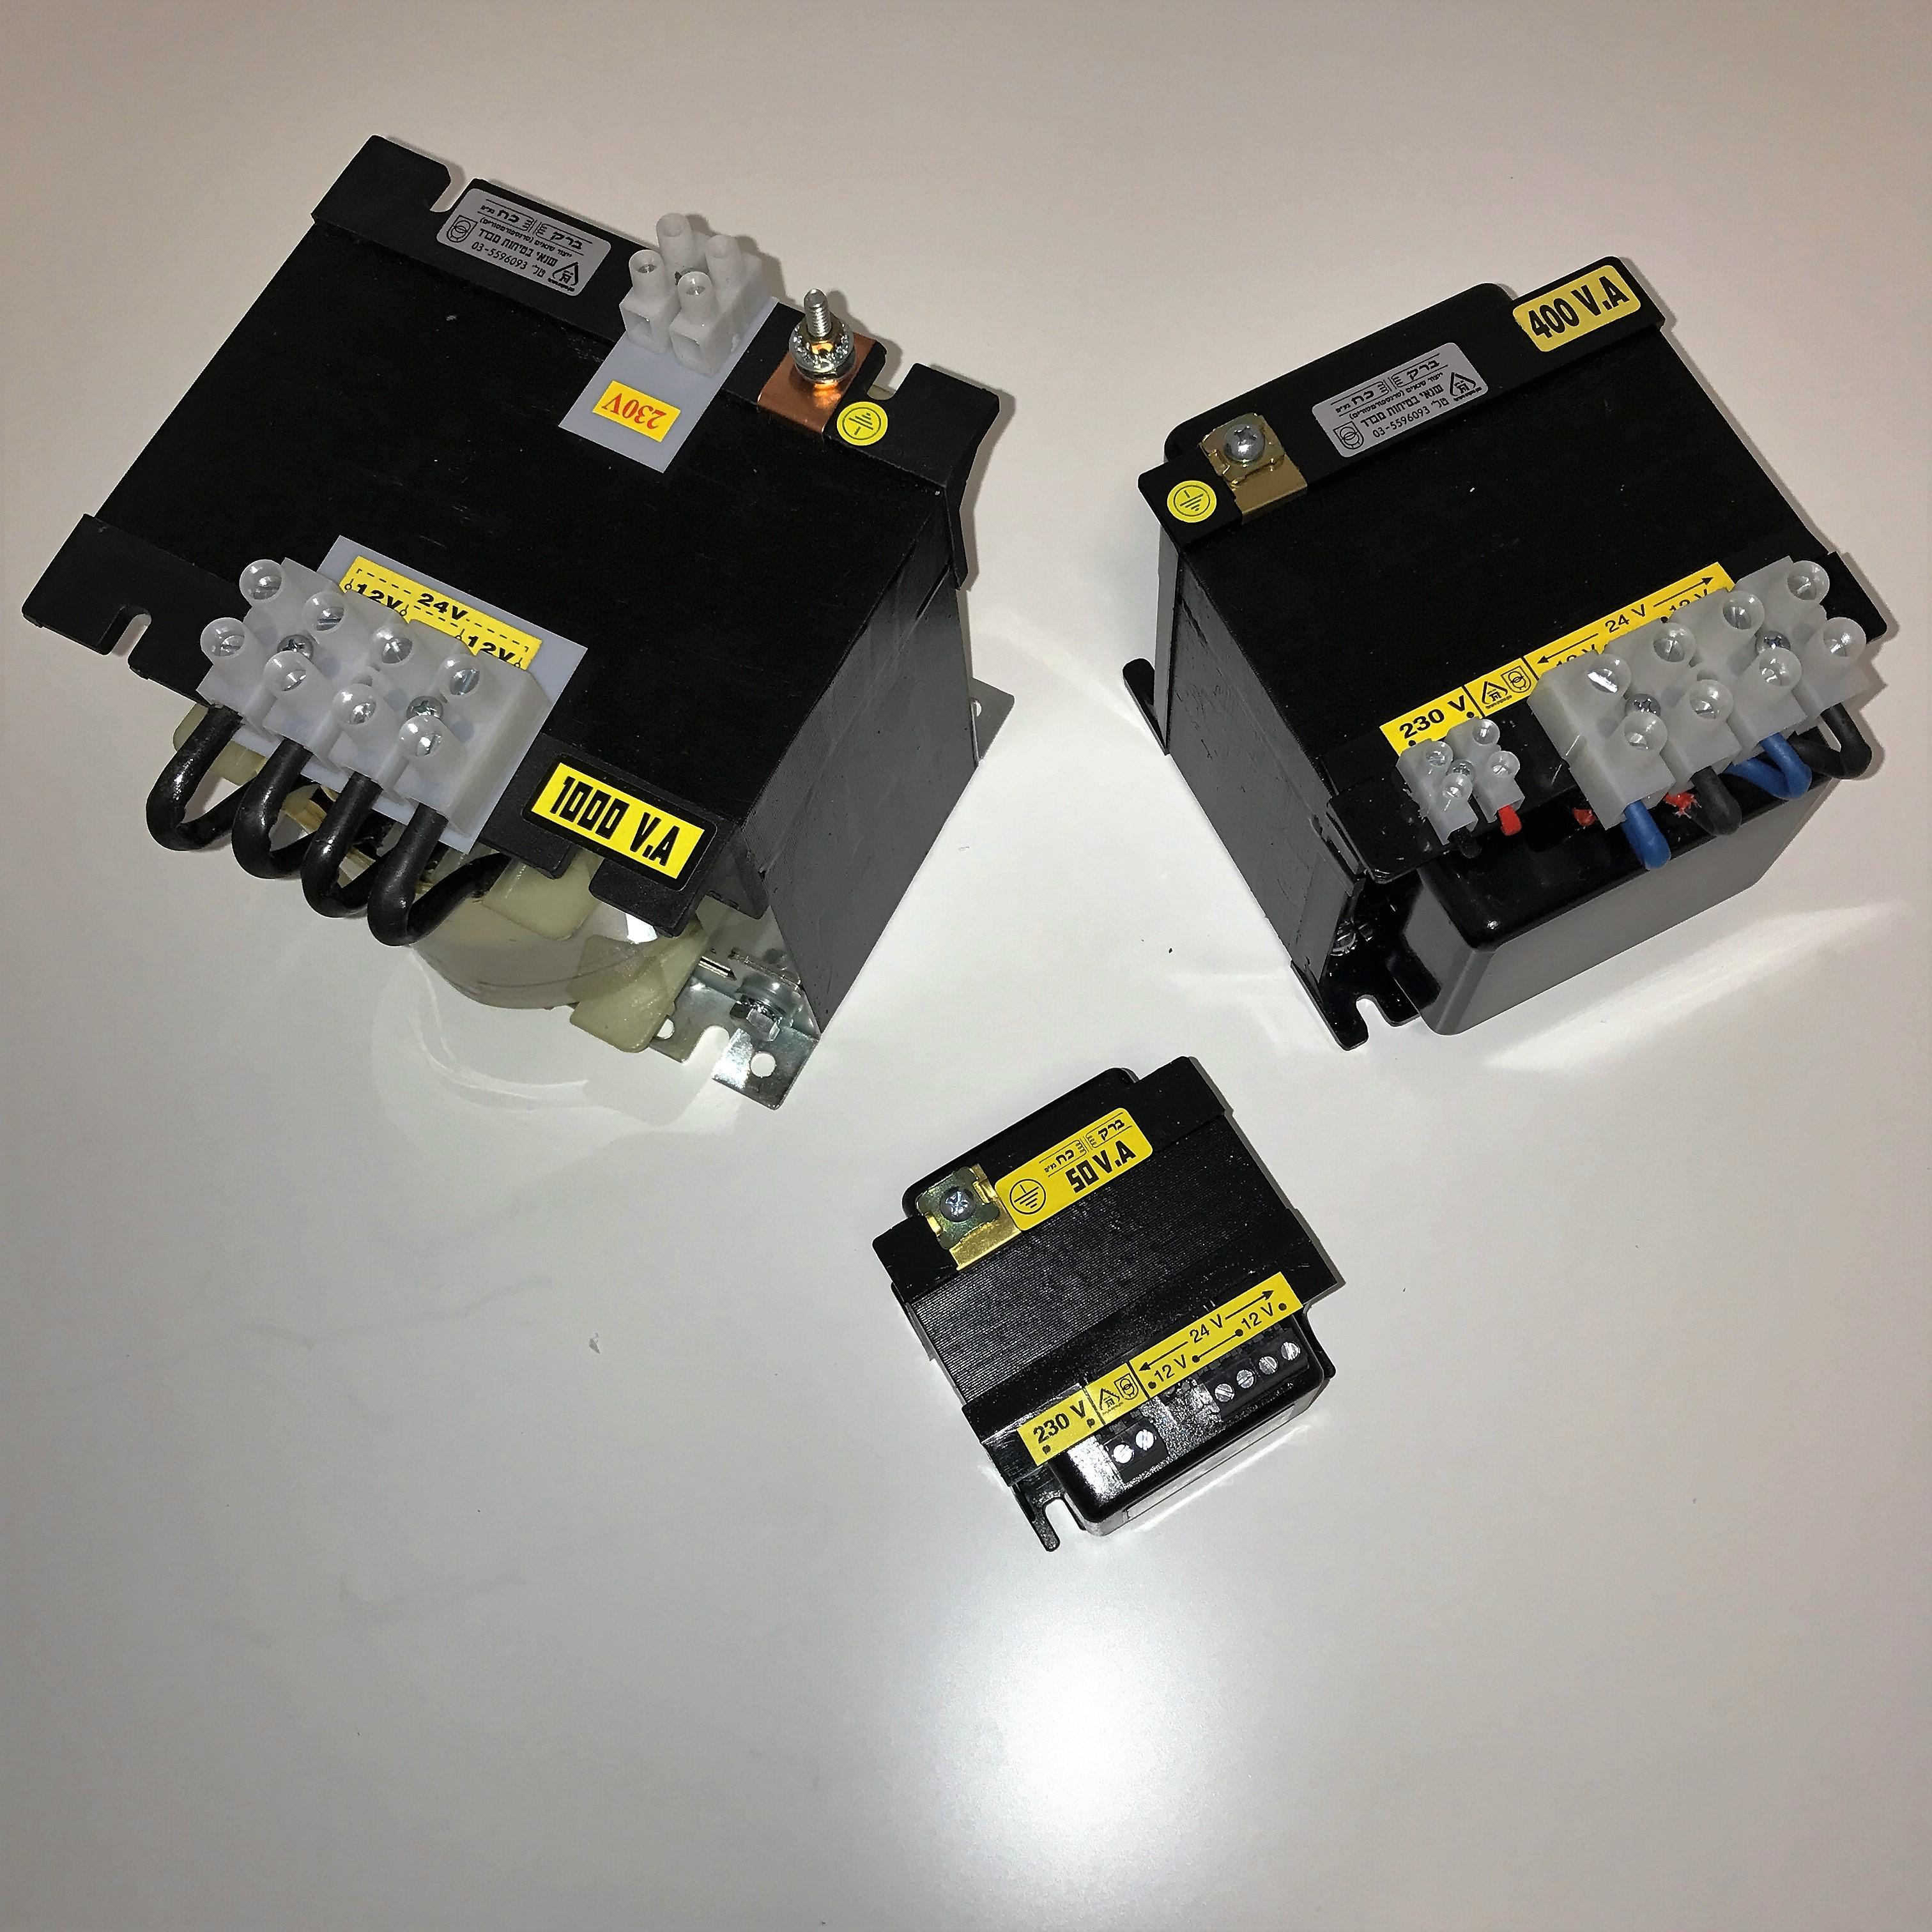 שנאי מבדל בהספק 1250VA במתחים שונים